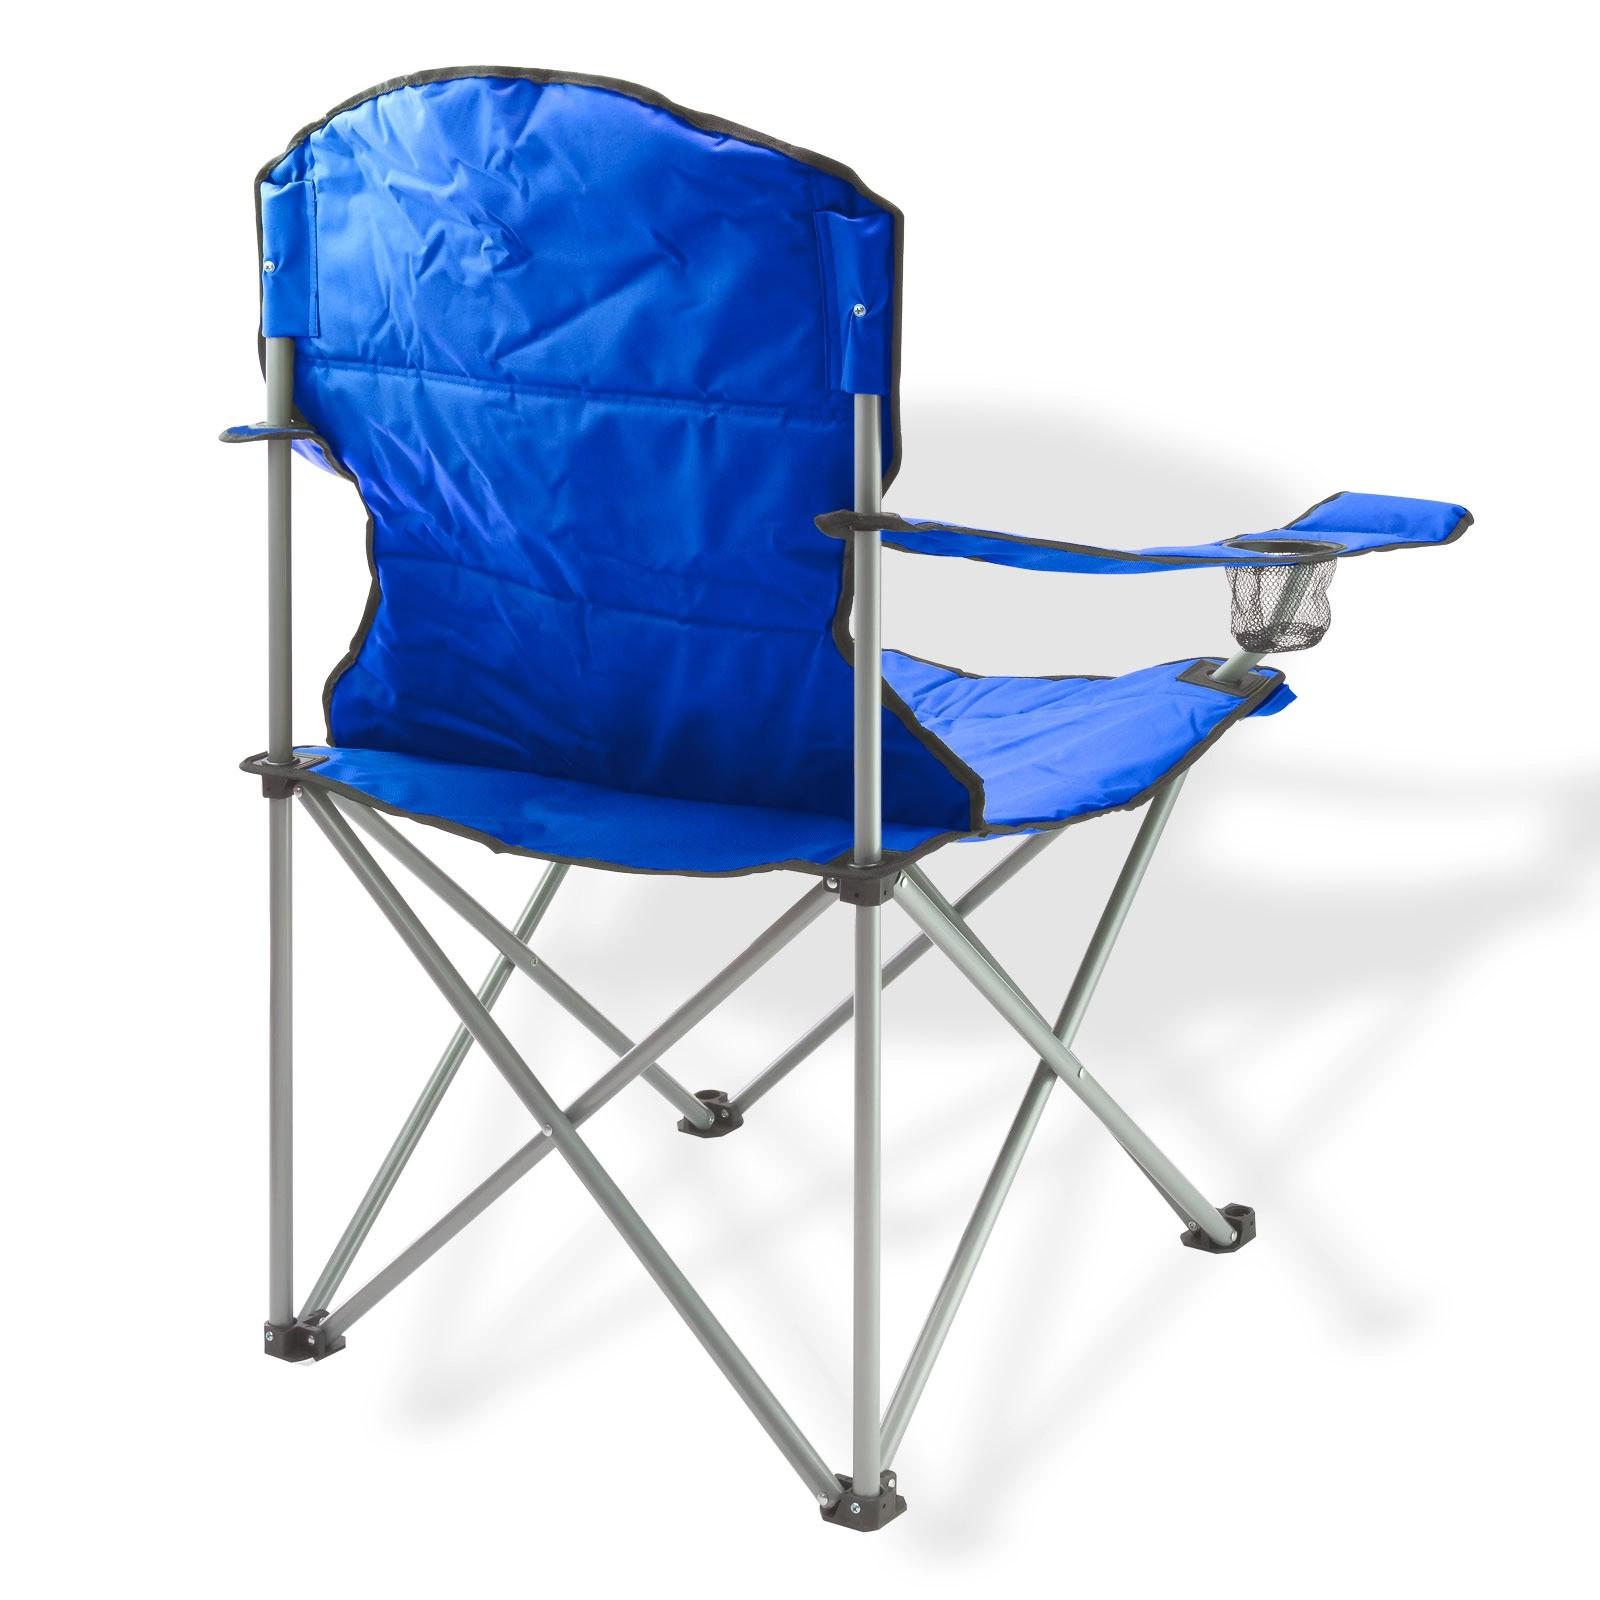 Dema Campingstuhl / Faltstuhl Set blau und grün Getränkehalter Tasche 94038-94037